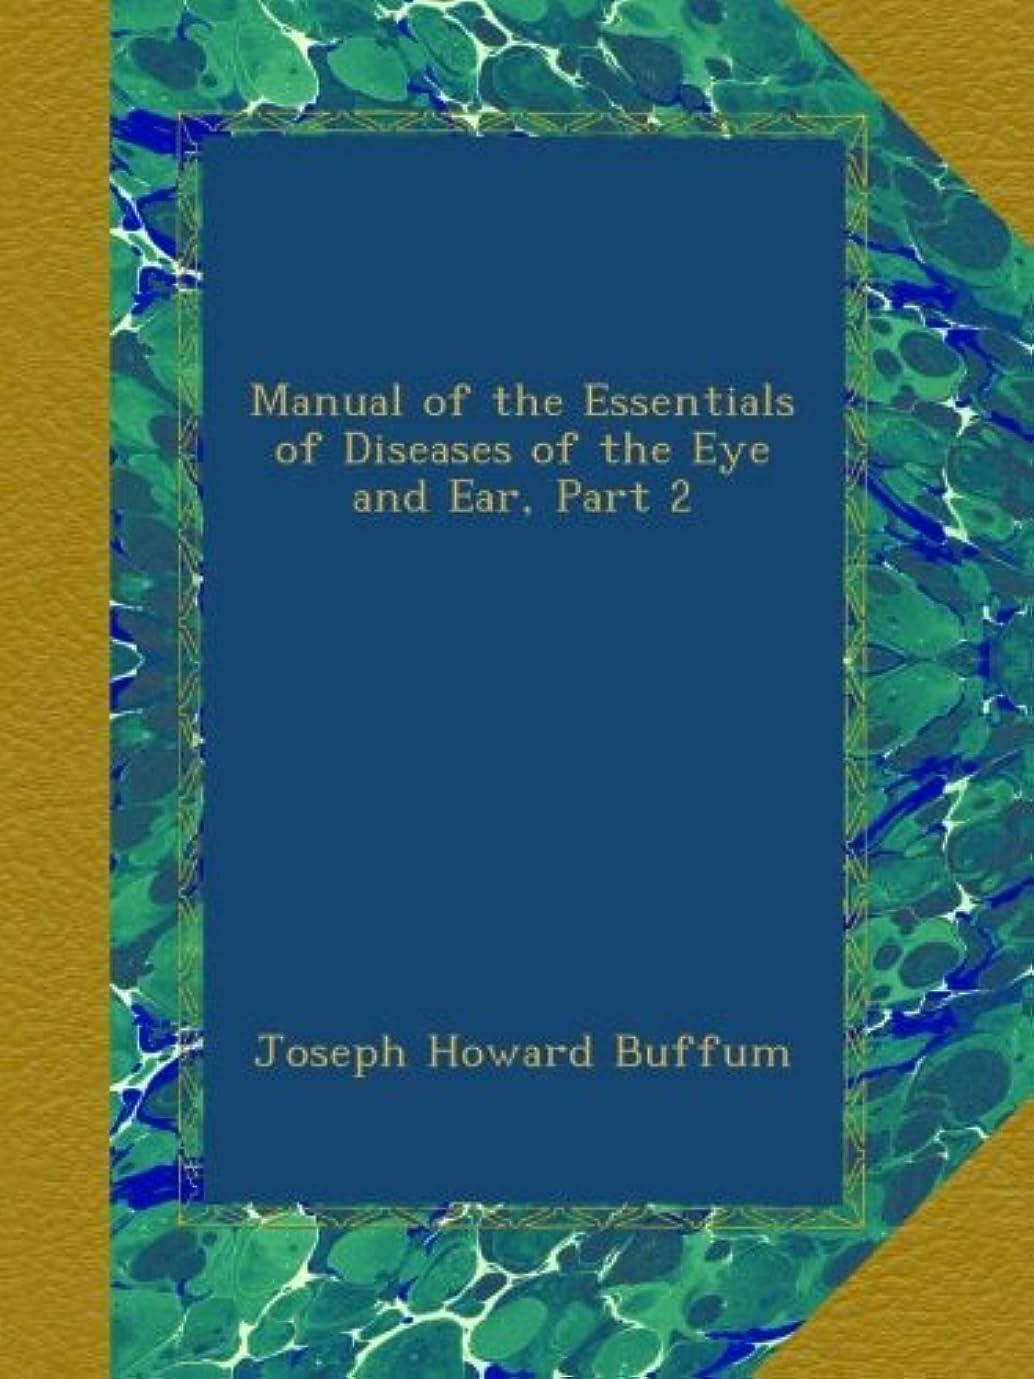 気性彼トラップManual of the Essentials of Diseases of the Eye and Ear, Part 2